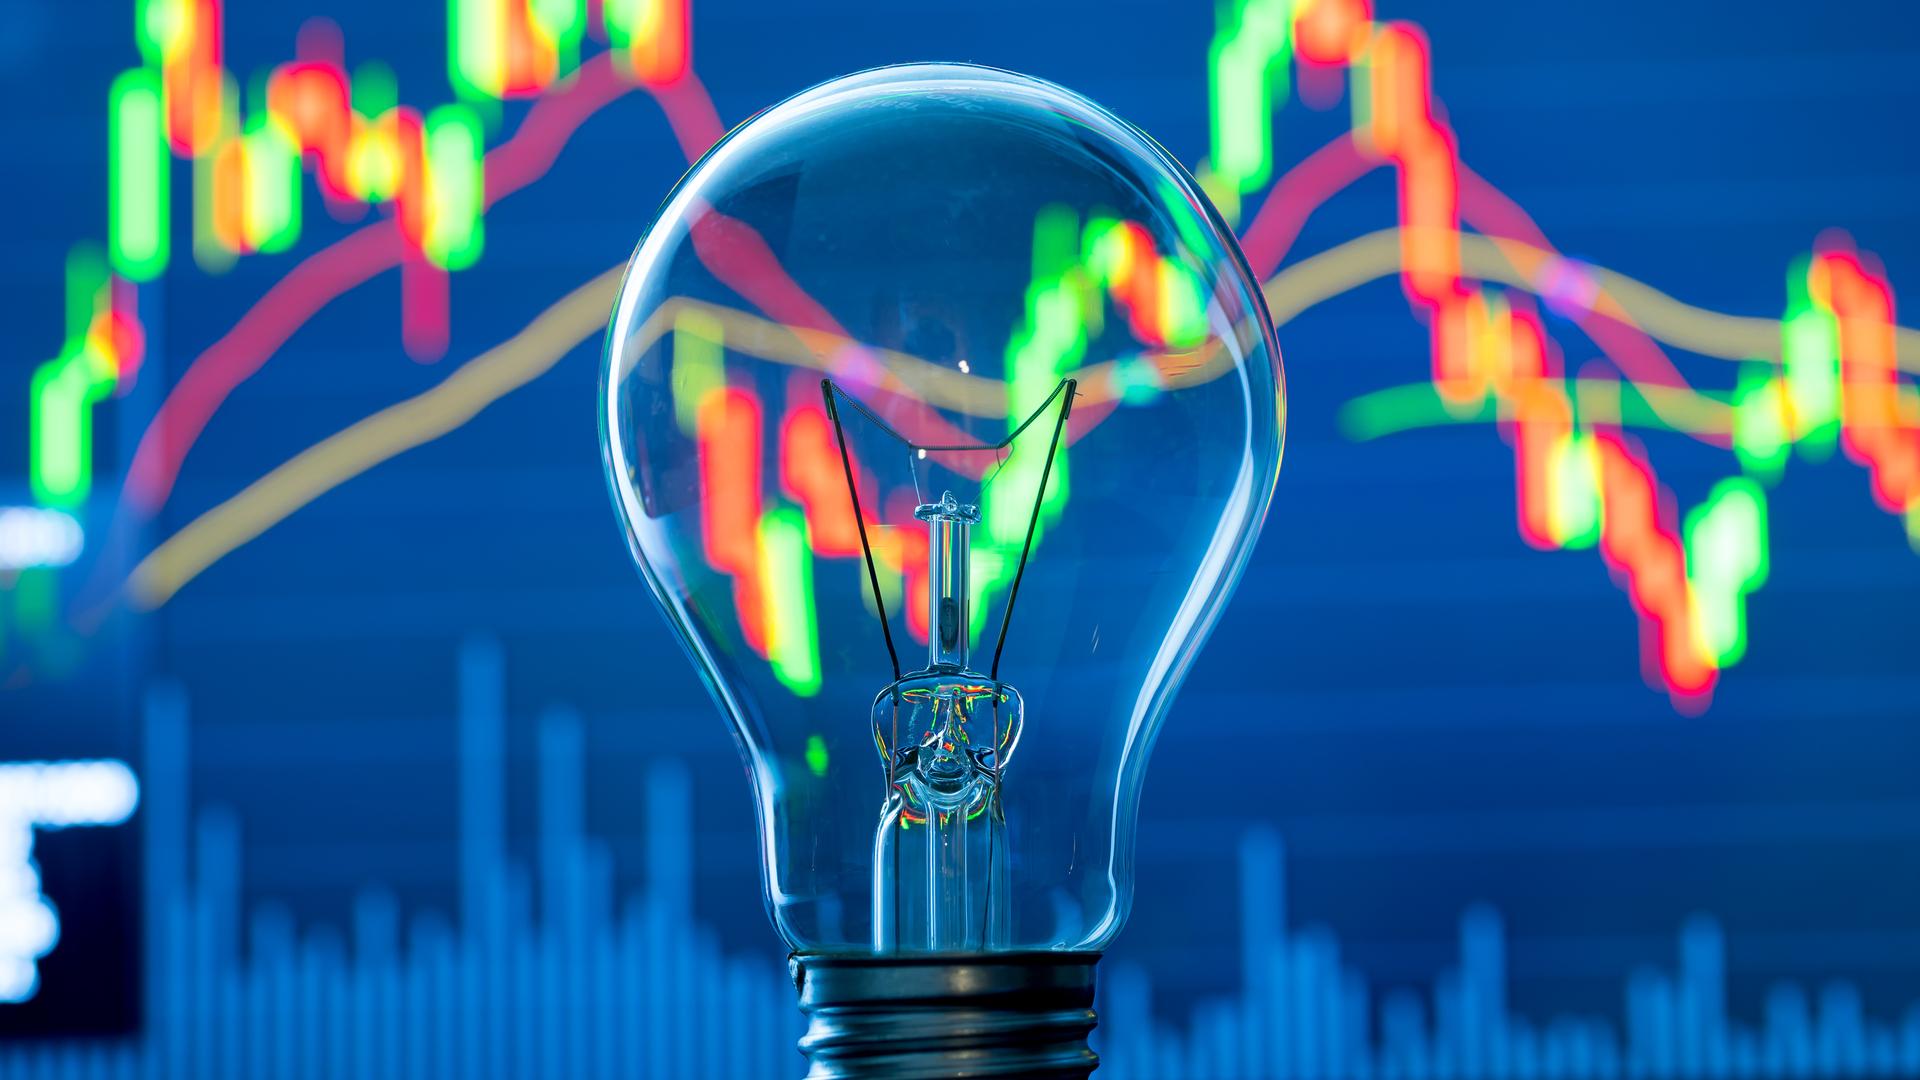 lightbulb in front of stocks screen